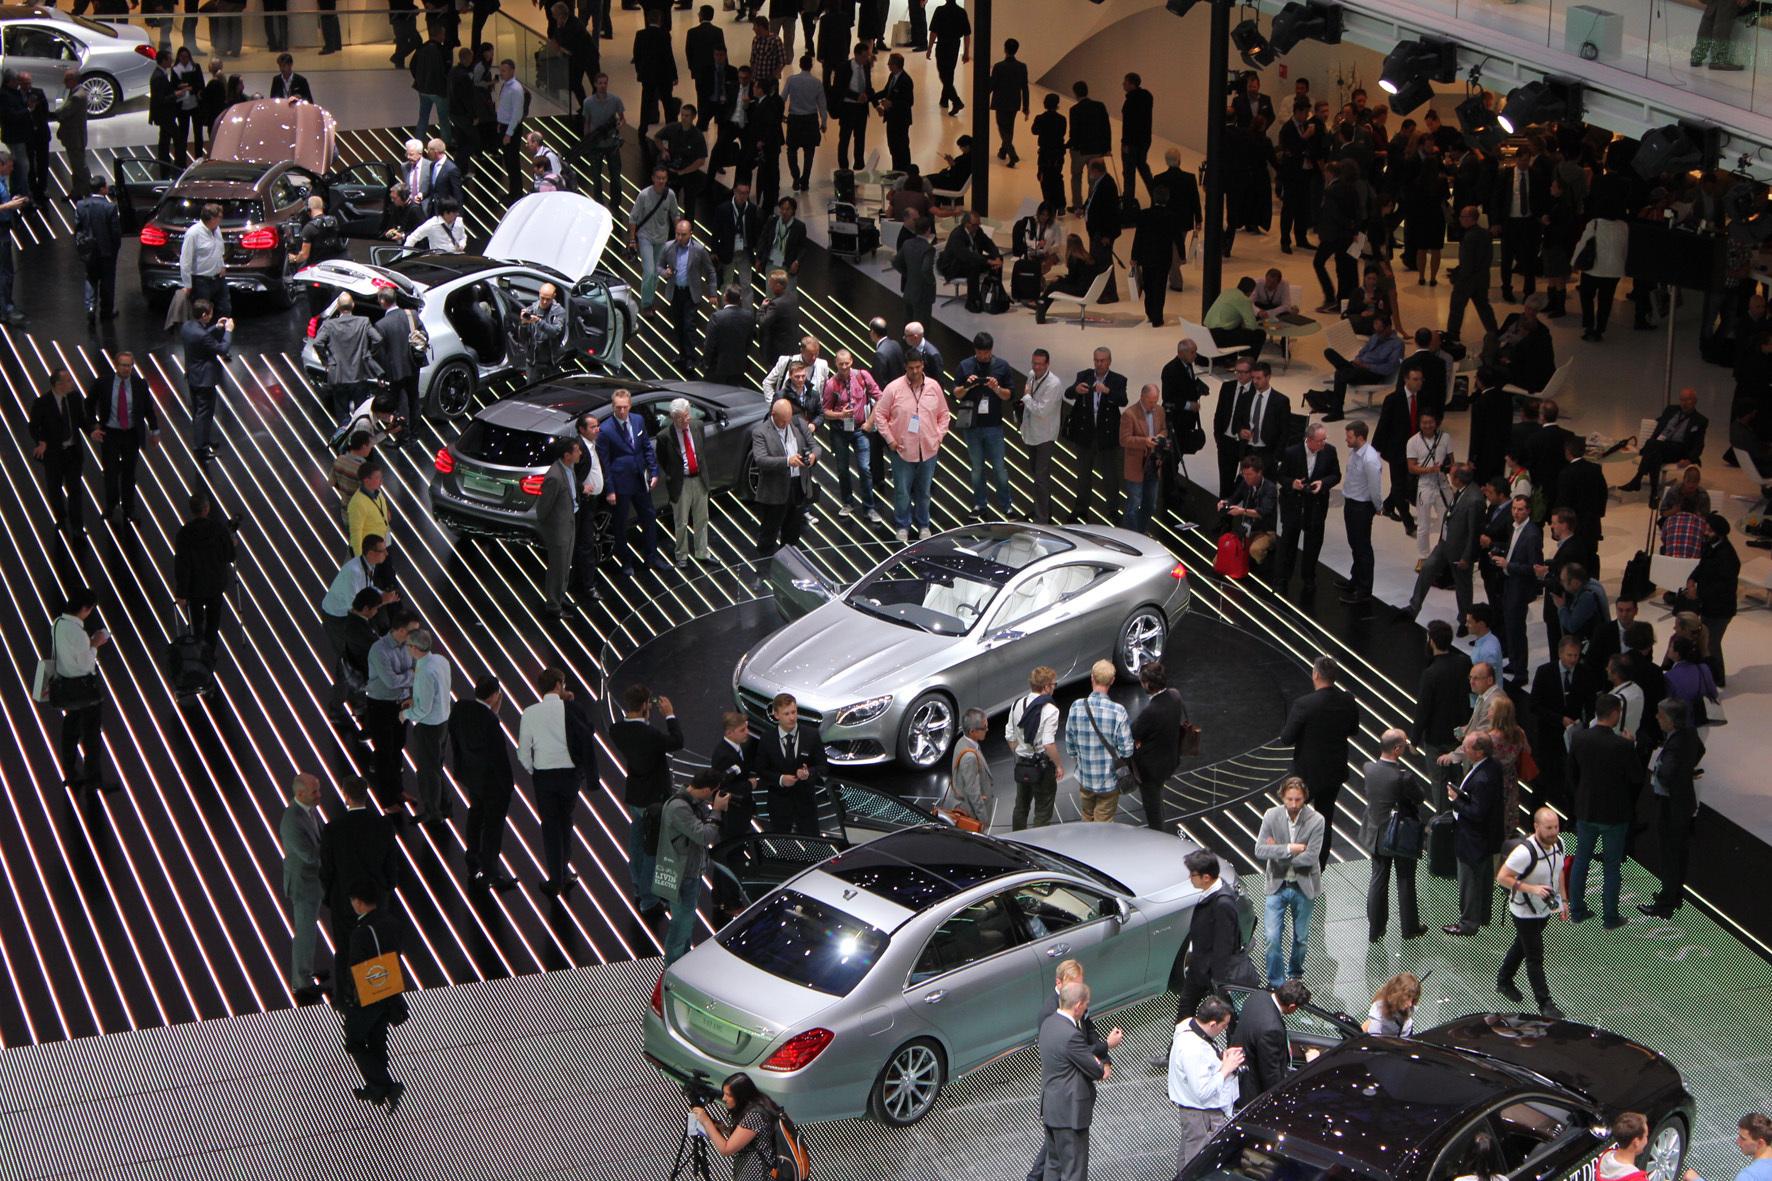 mid Düsseldorf - Auf der IAA in Frankfurt am Main sind nicht nur - wie hier - Autos zu sehen. Auch Neuheiten technischer Details werden präsentiert.